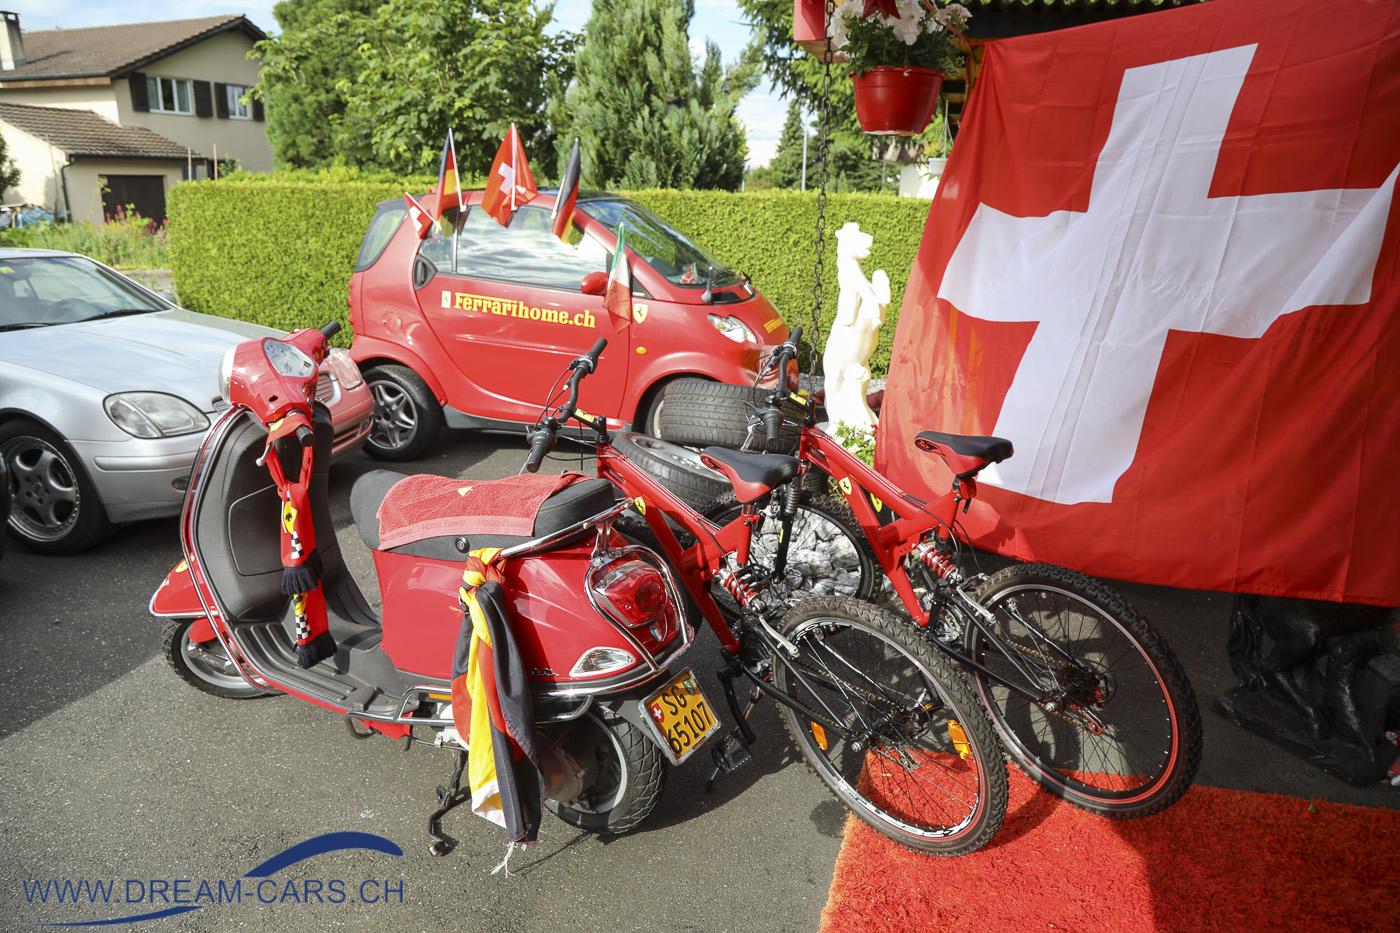 Joe's Ferrarihome Oberbüren, Besuch vom 22.06.2021. Selbst Fahrräder gibt es in der gigantischen Sammlung von Josef Kaiser